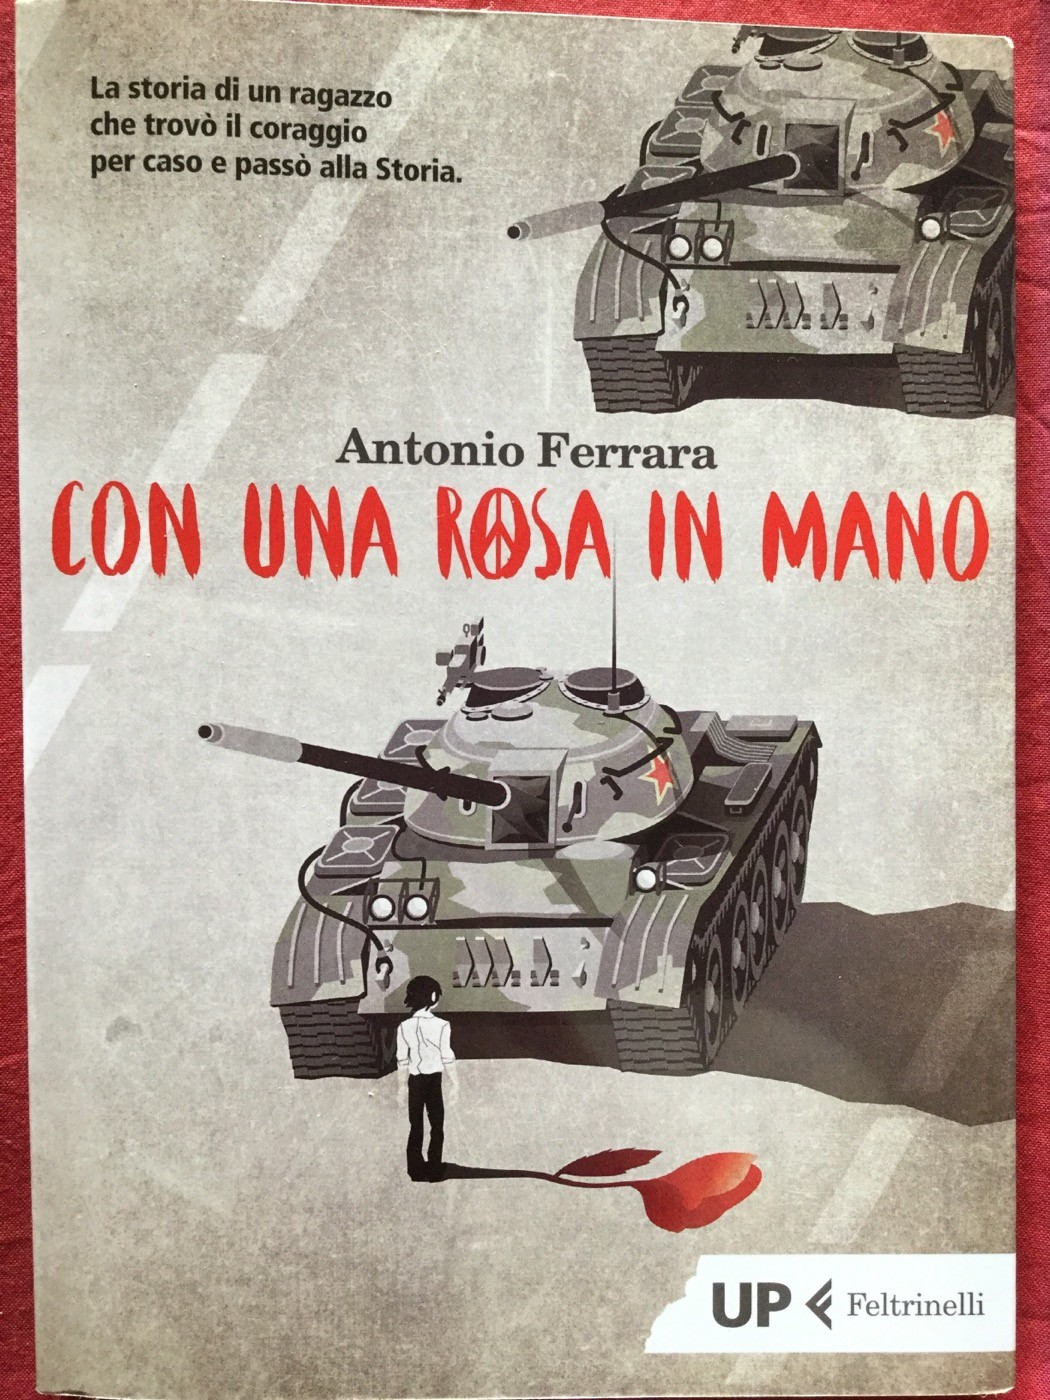 Con una rosa in mano | Antonio Ferrara | Feltrinelli - Galline Volanti